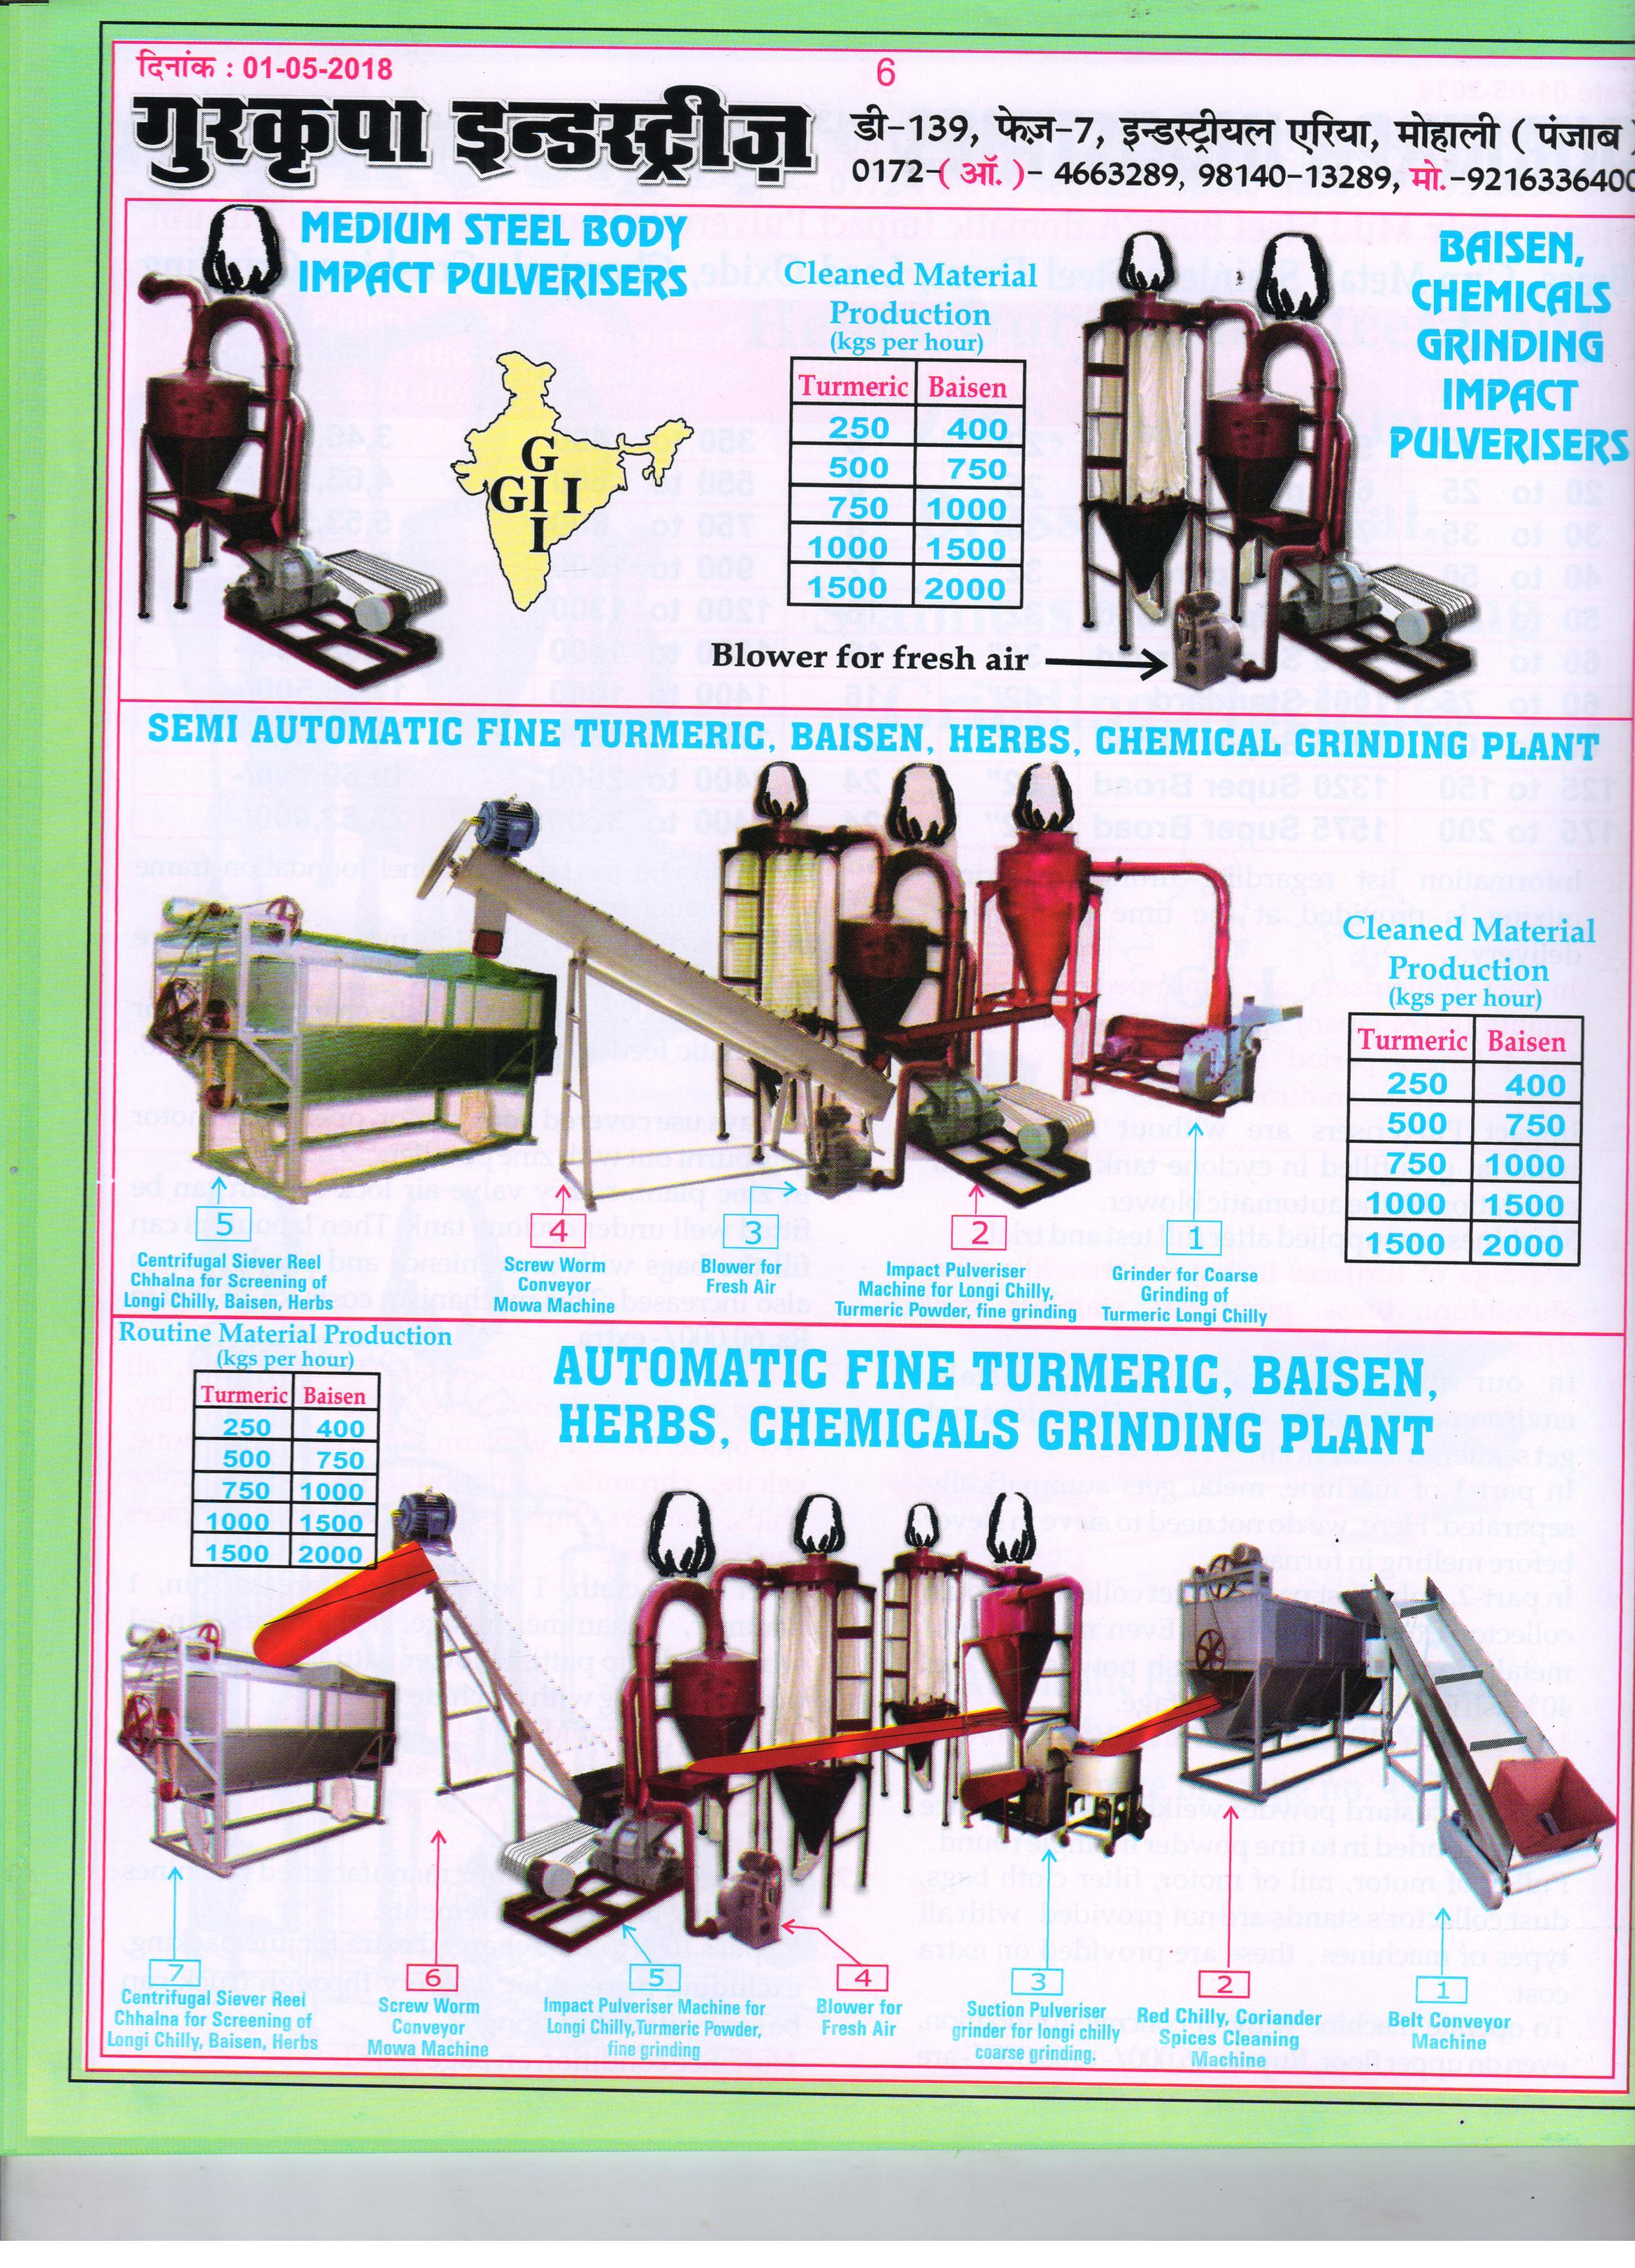 Baisen Grinder Pulveriser Manufacturer in Dubai | GurKirpa